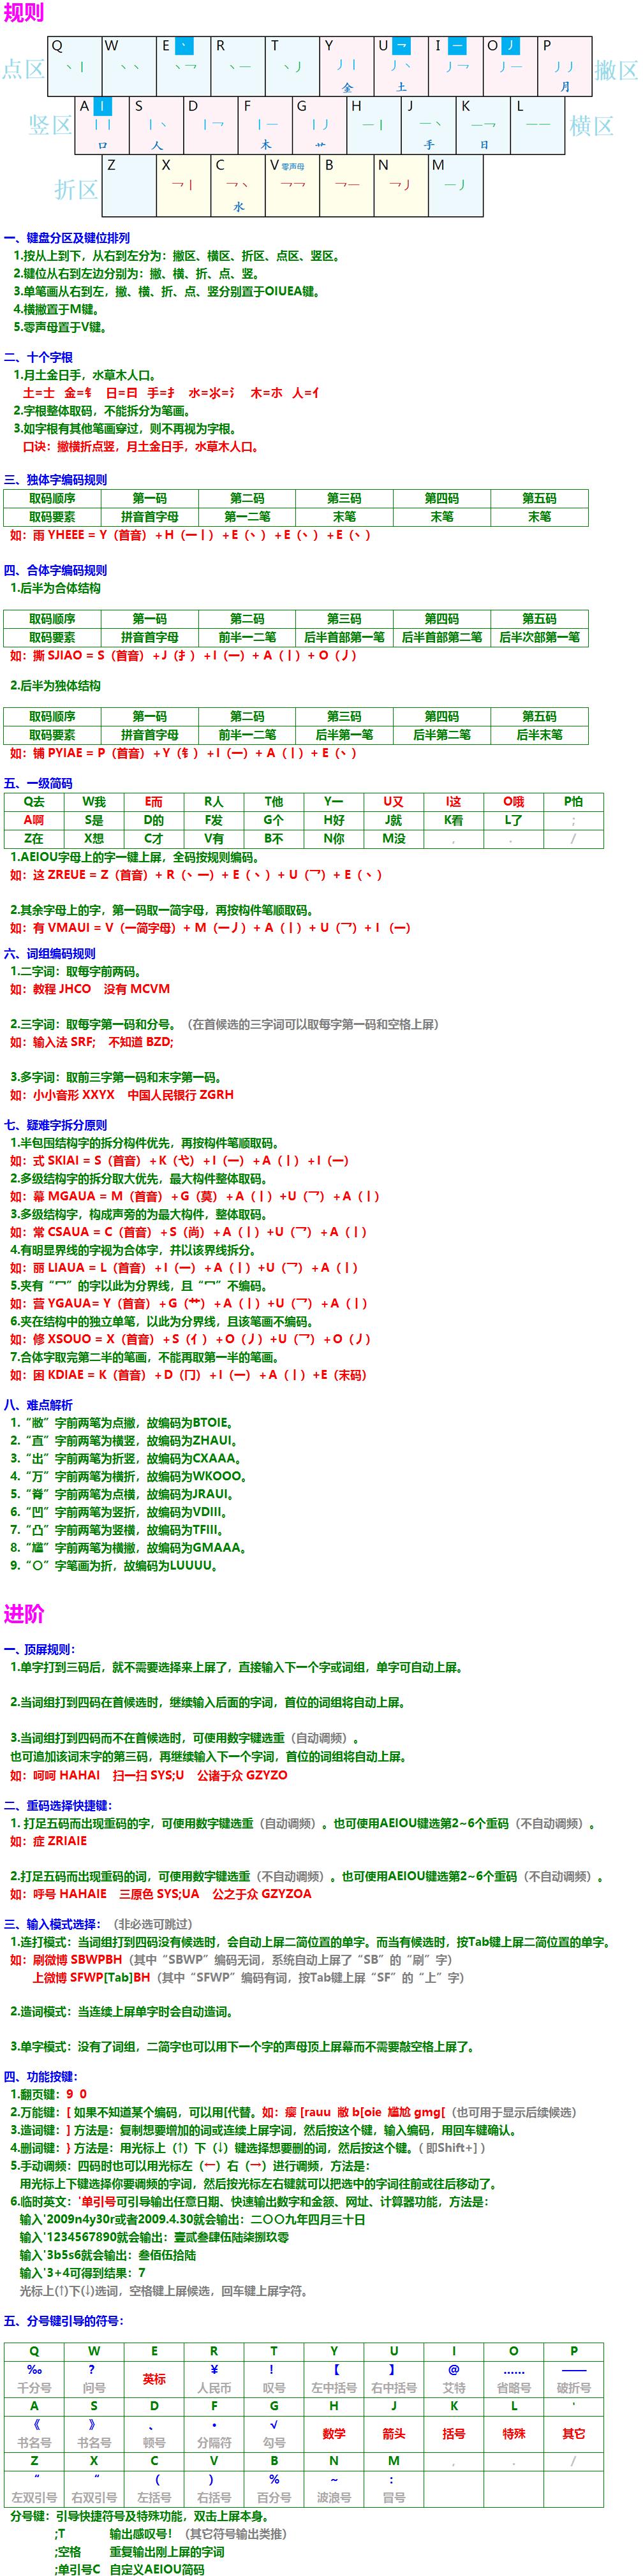 小小音形 v2020.09.25 顶功版